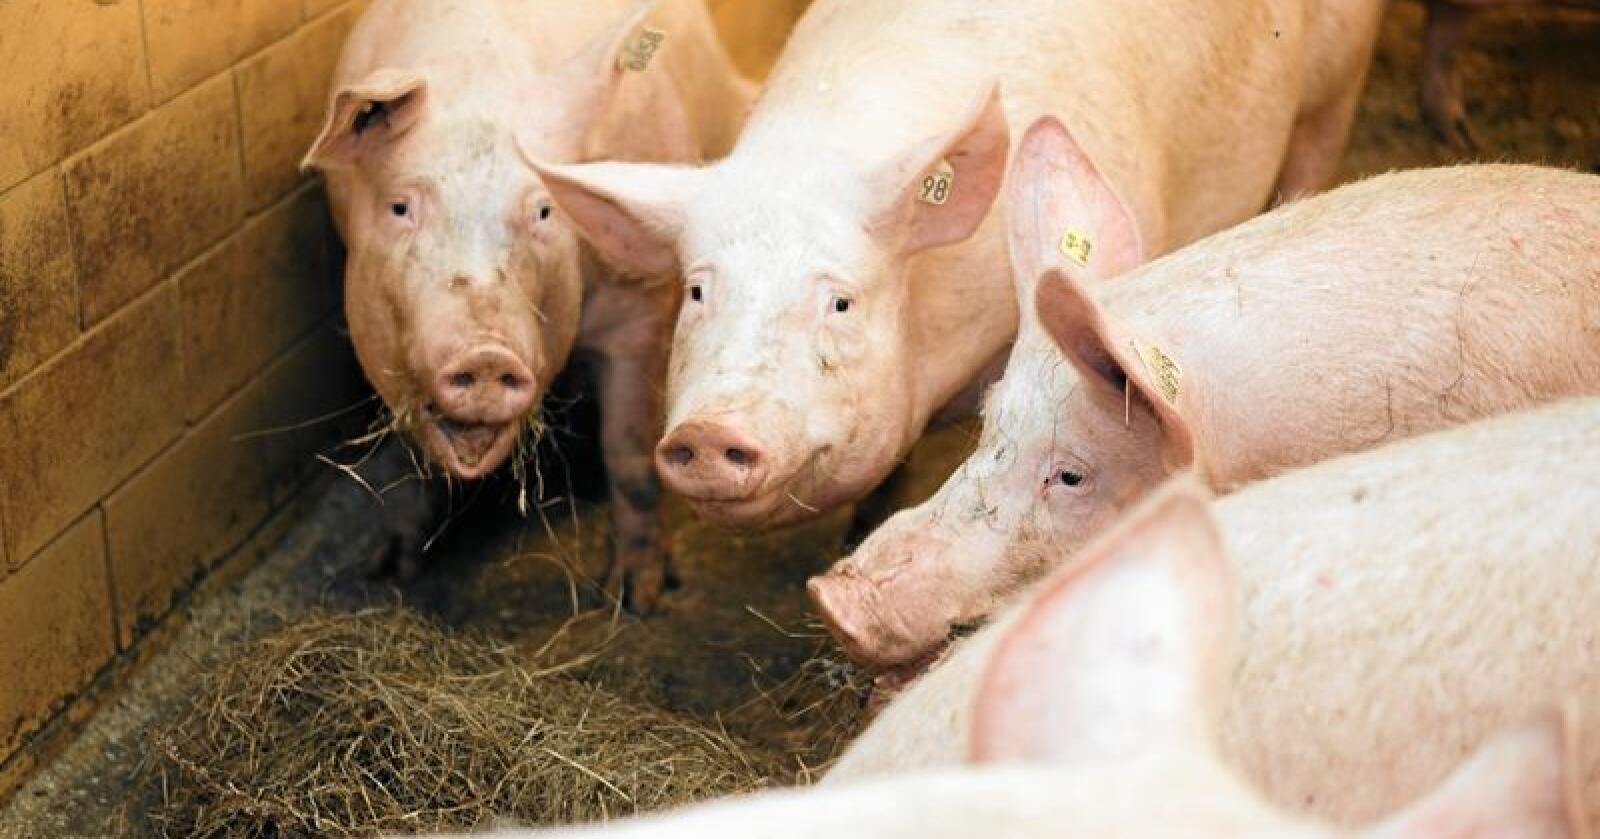 Tause: Mens debatten raser i kommentarfeltene om dyrevelferden i svinenæringen, er brasjen helt taus. Foto: Benjamin Hernes Vogl